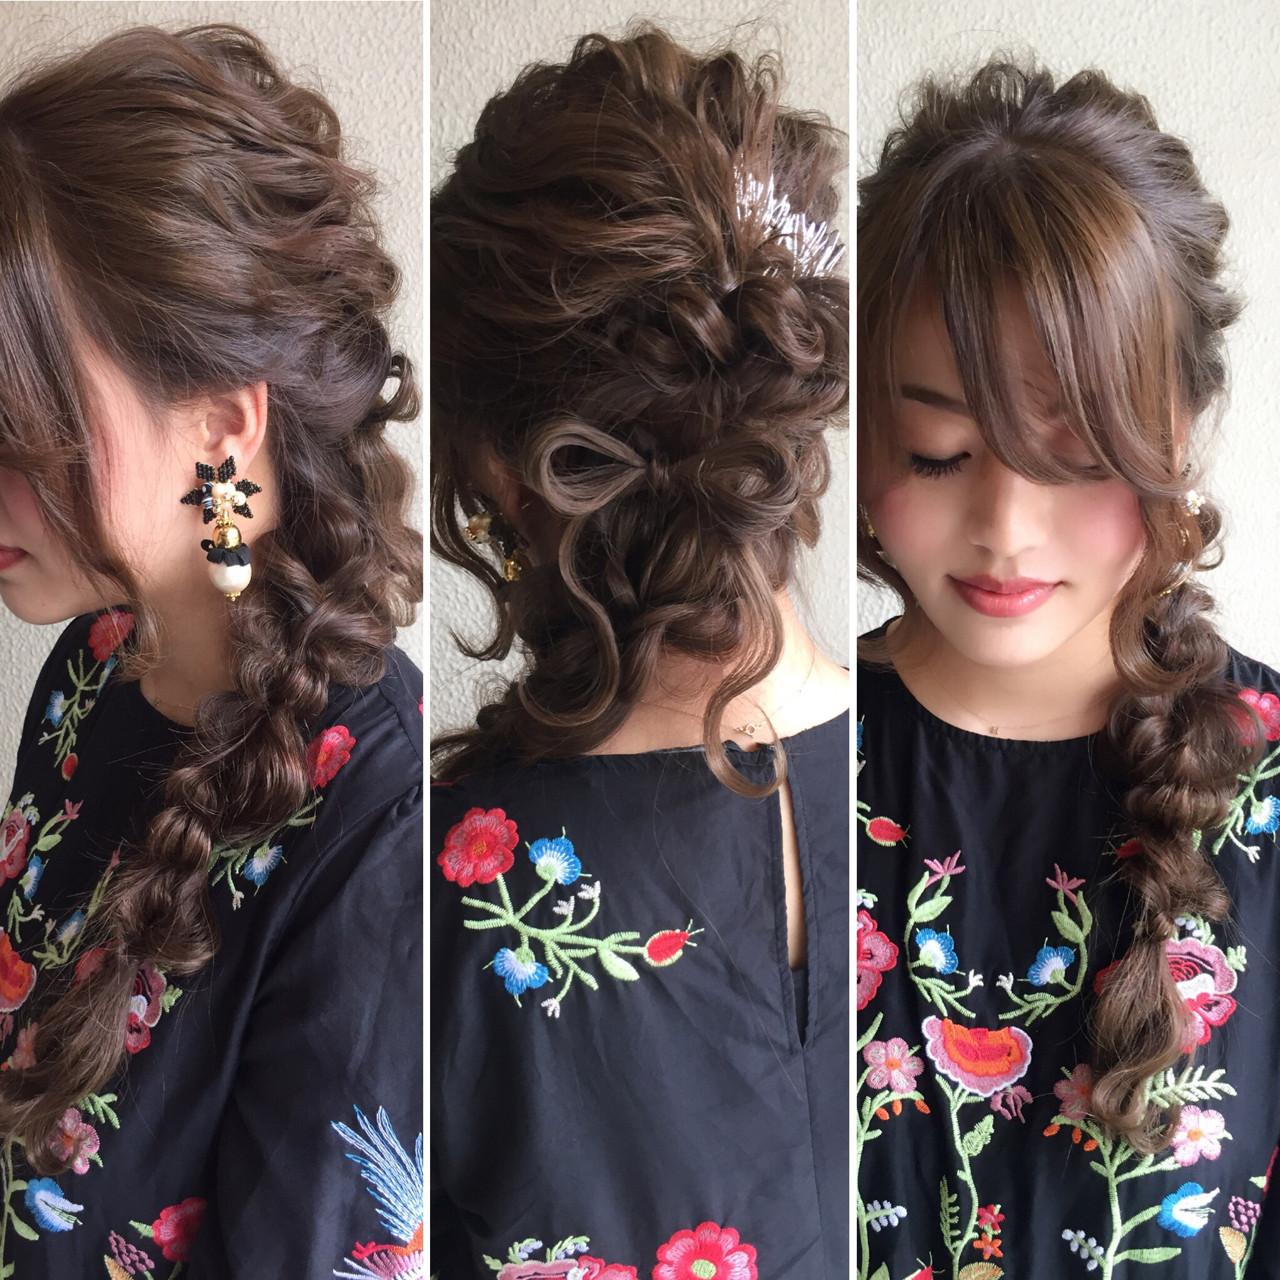 振袖 結婚式 ヘアアレンジ ロング ヘアスタイルや髪型の写真・画像